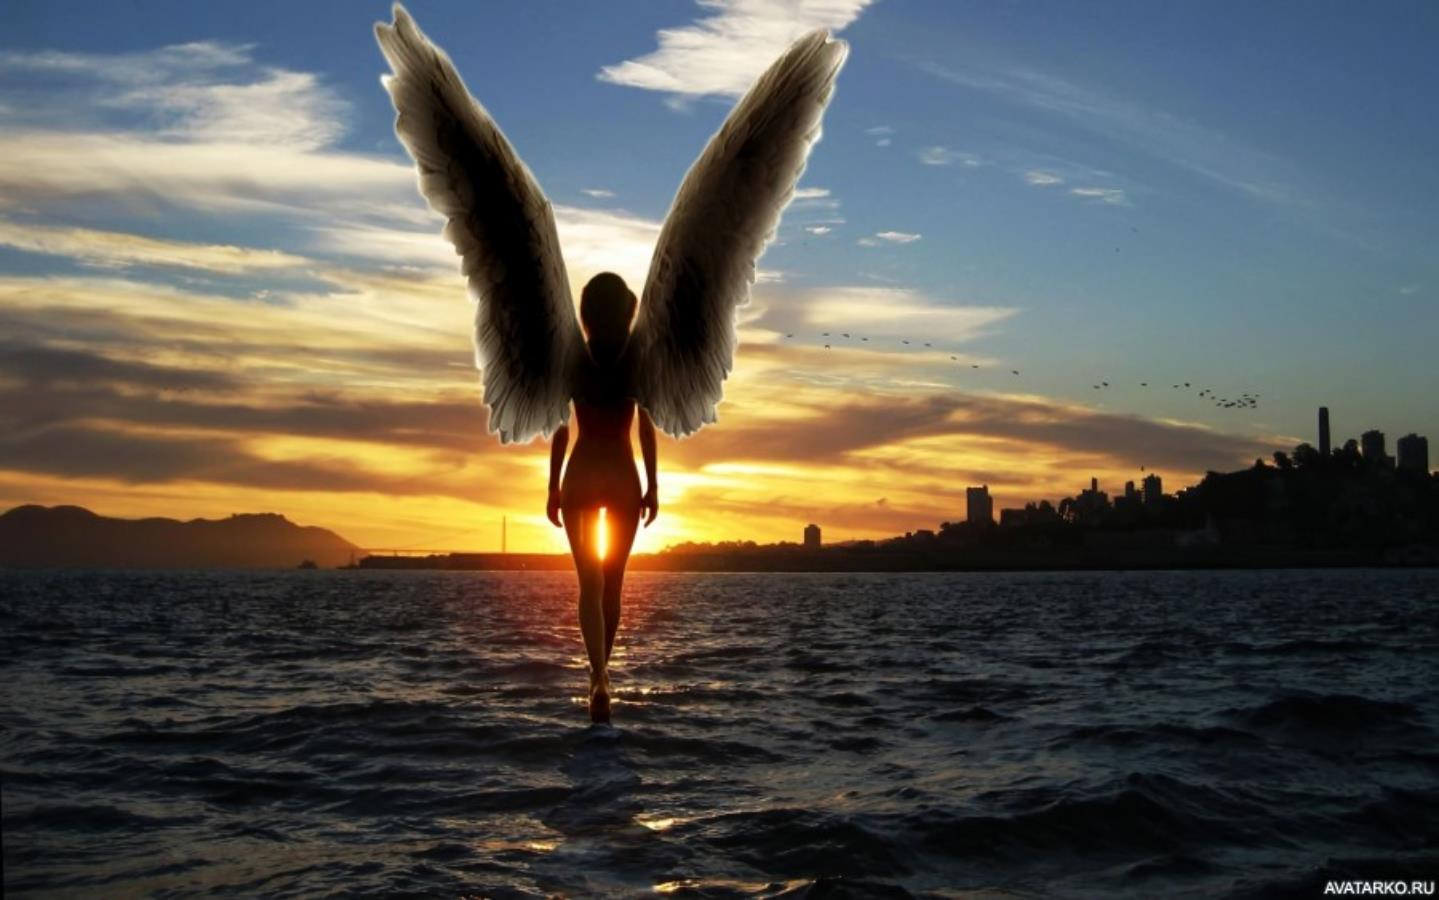 фото с крыльями за спиной энергии фотоэлектронов